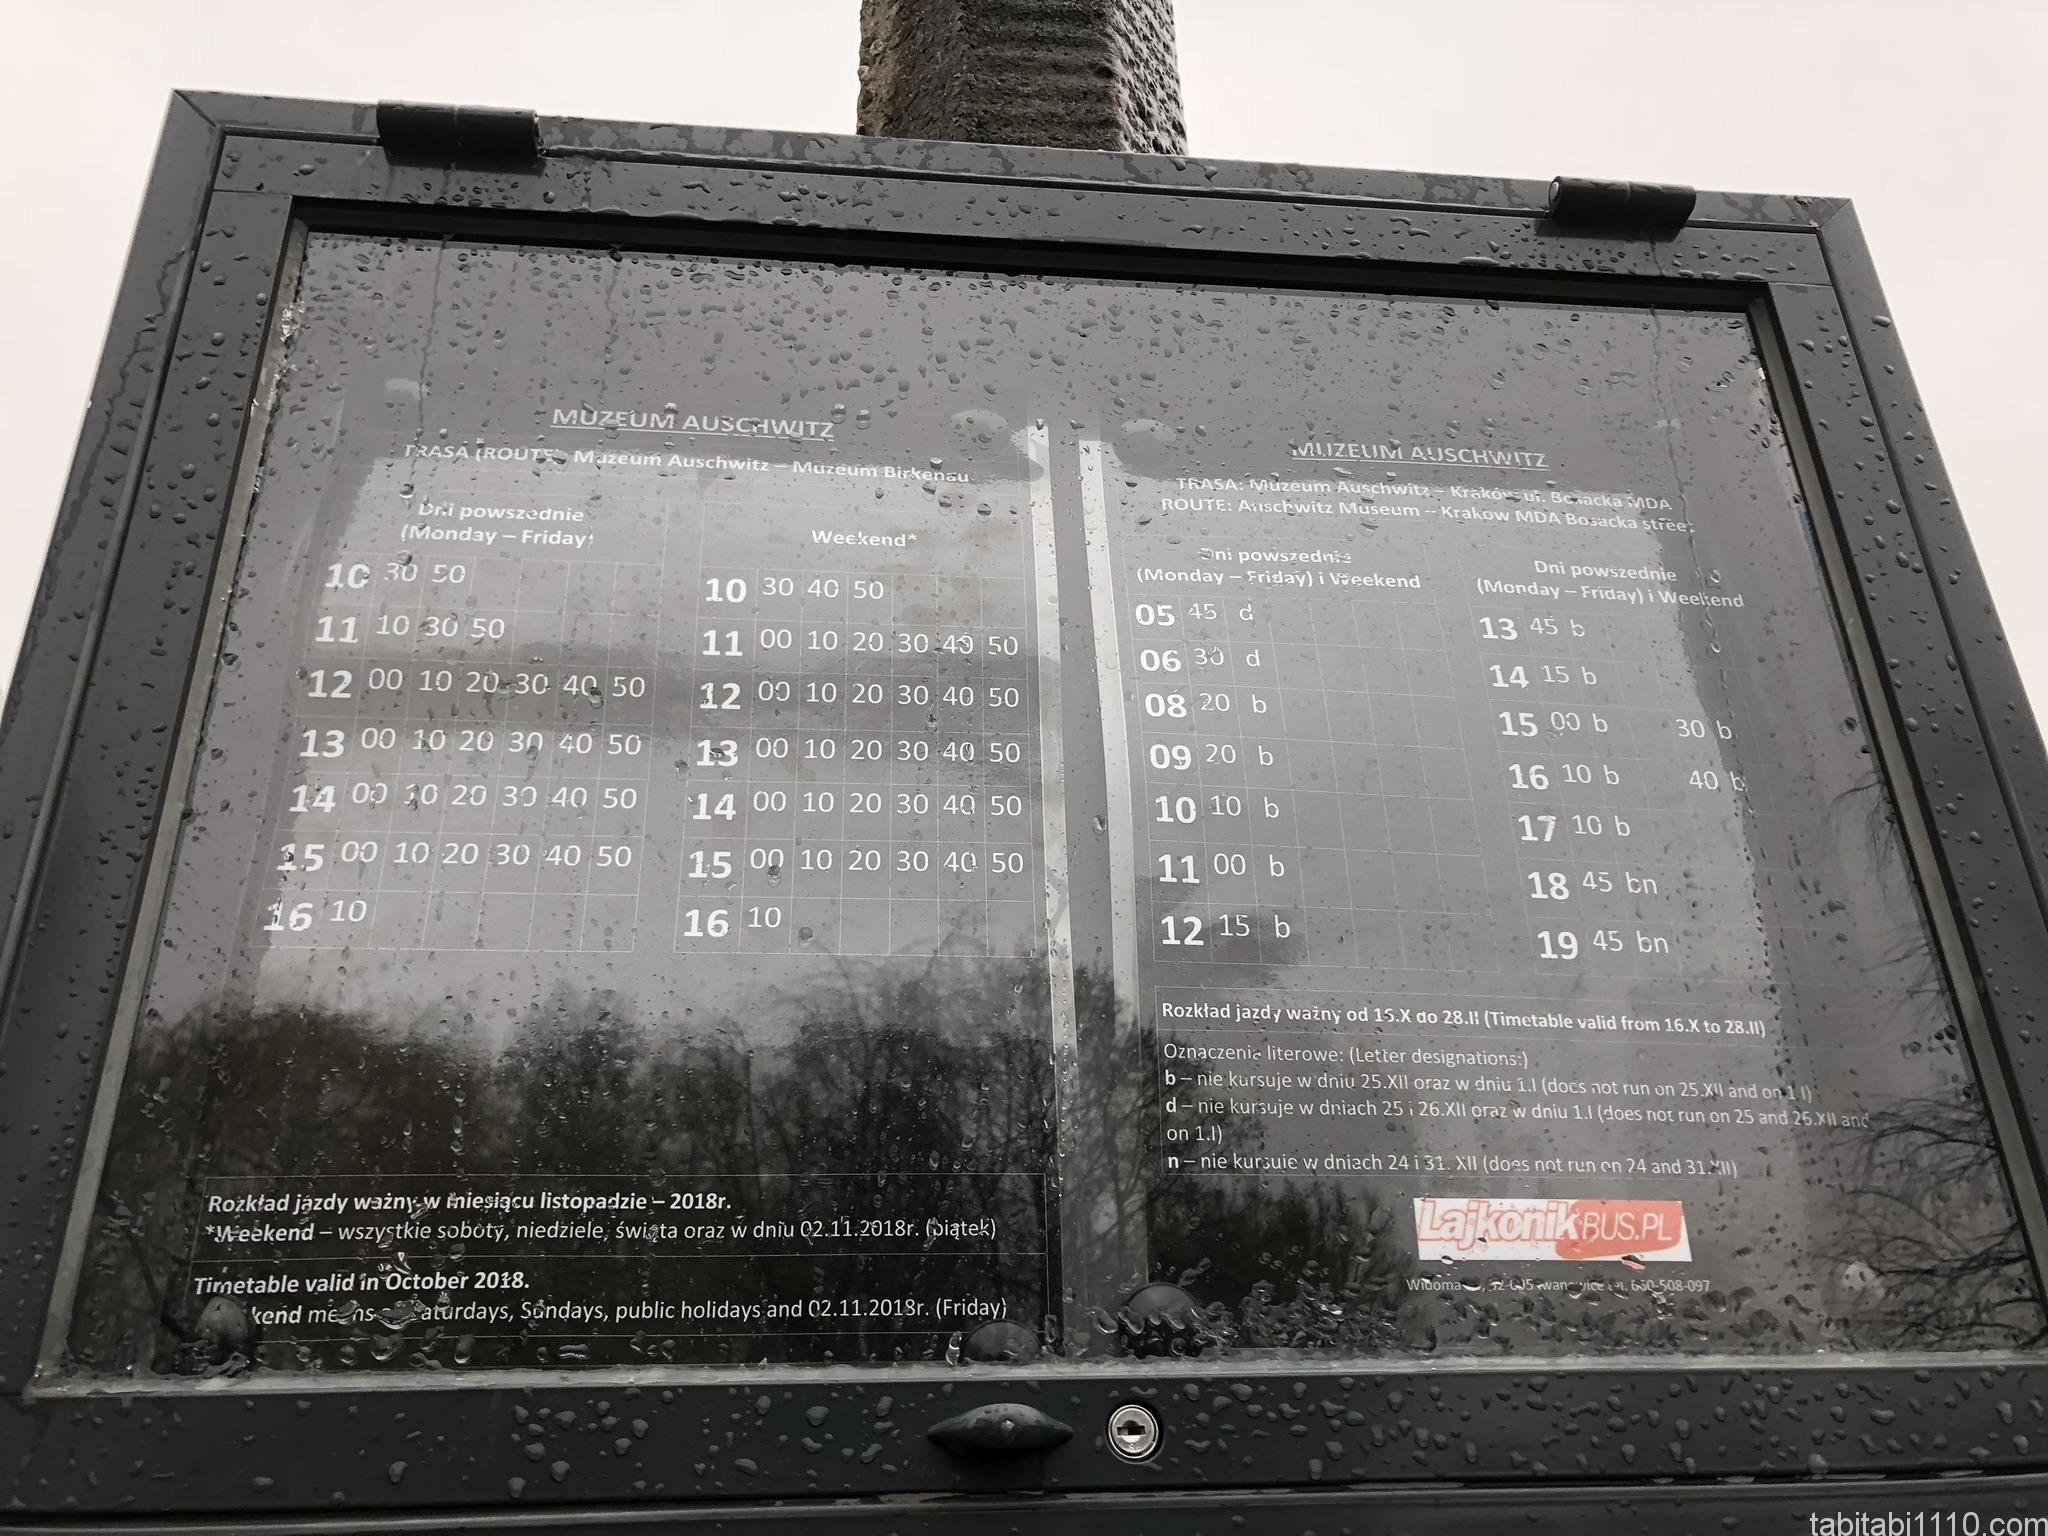 アウシュビッツ内バス時刻表